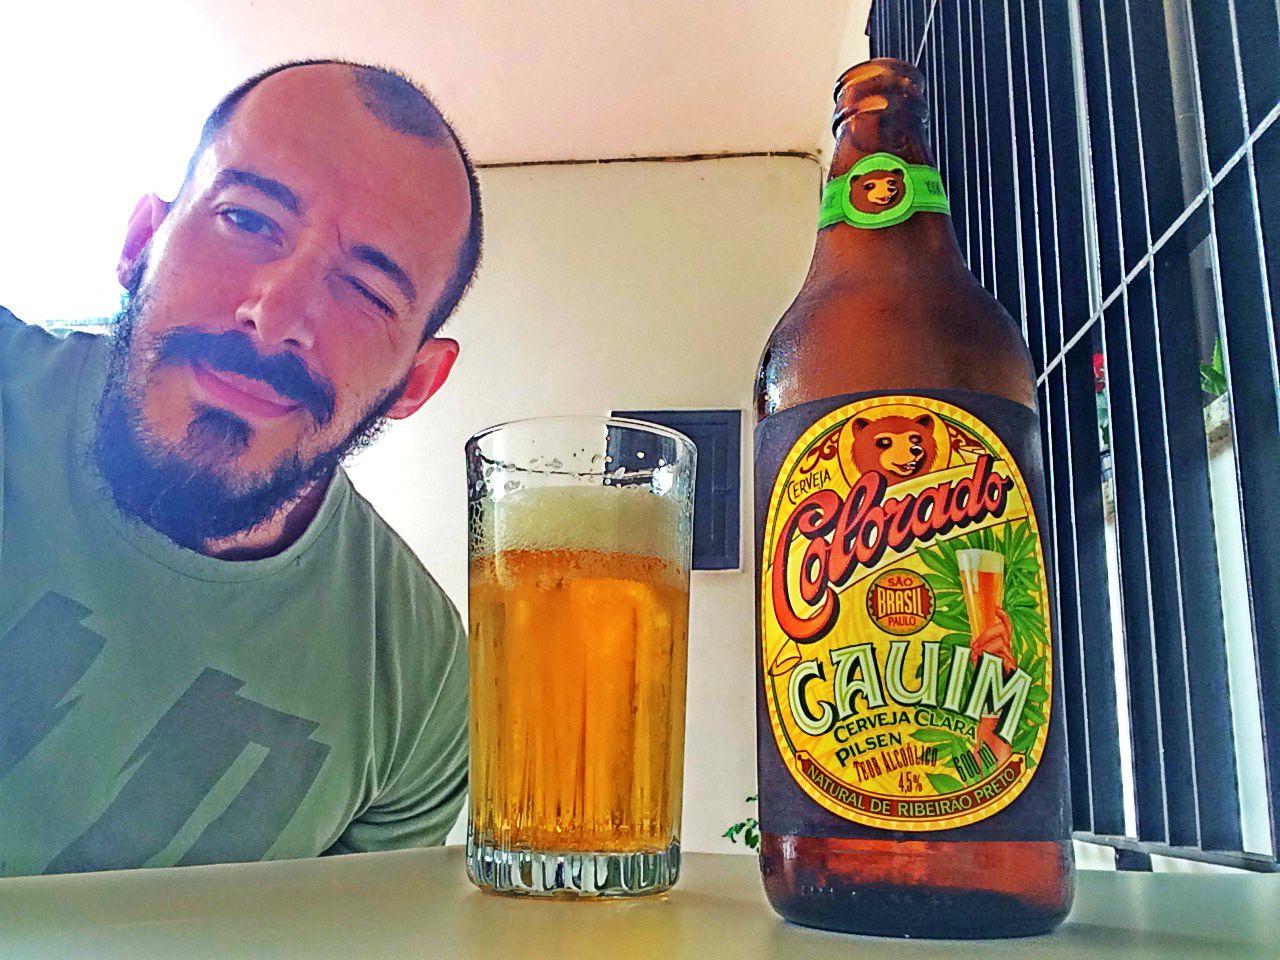 Colorado  #ColoradoCauim #CervejaClaraPilsen #Cerveja #Beer #Bier #Cerveza #Alus #SanPablo #011 #MarceloSla